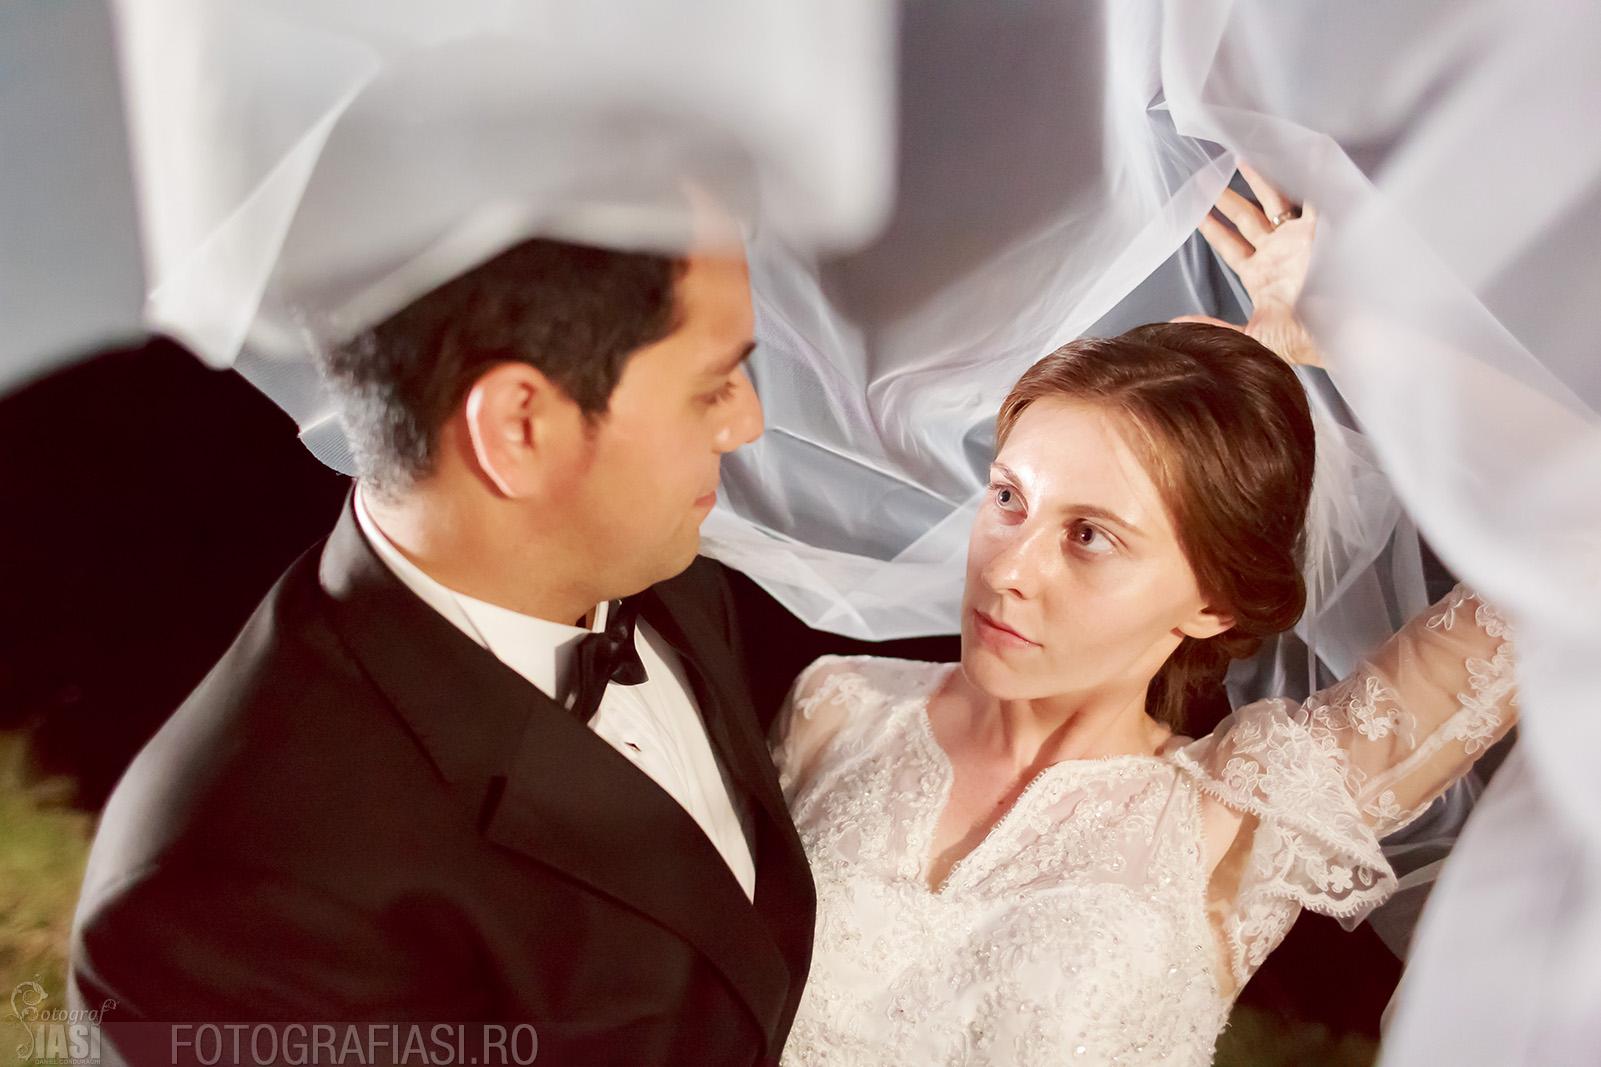 Fotografie de nunta realizata in intuneric deplin, noaptea, in plin camp, folosind lumina continua